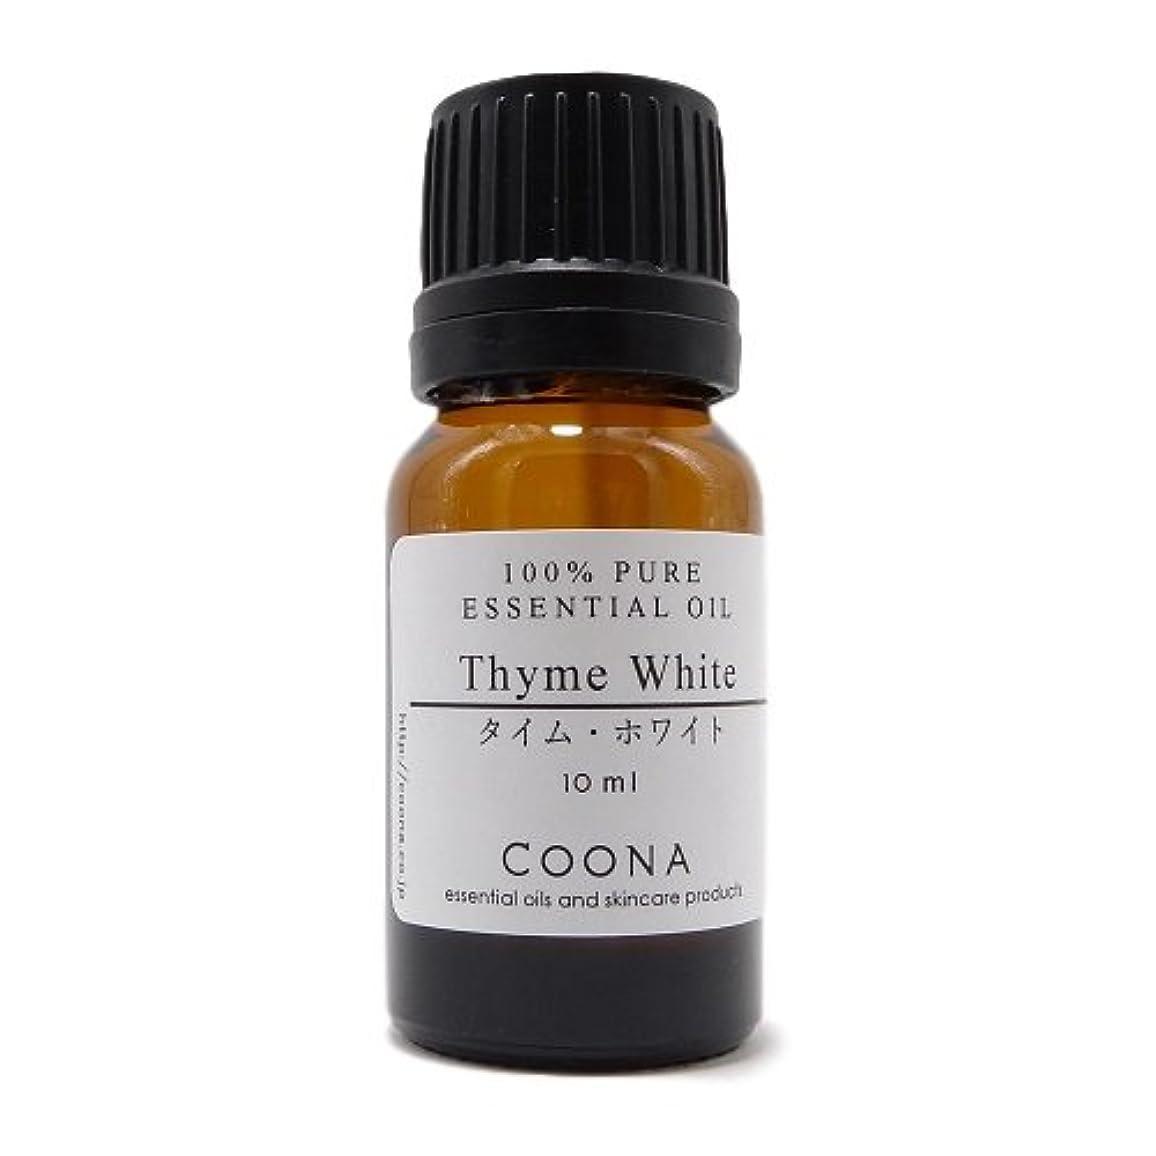 ヒント脈拍バイナリタイム ホワイト 10 ml (COONA エッセンシャルオイル アロマオイル 100%天然植物精油)